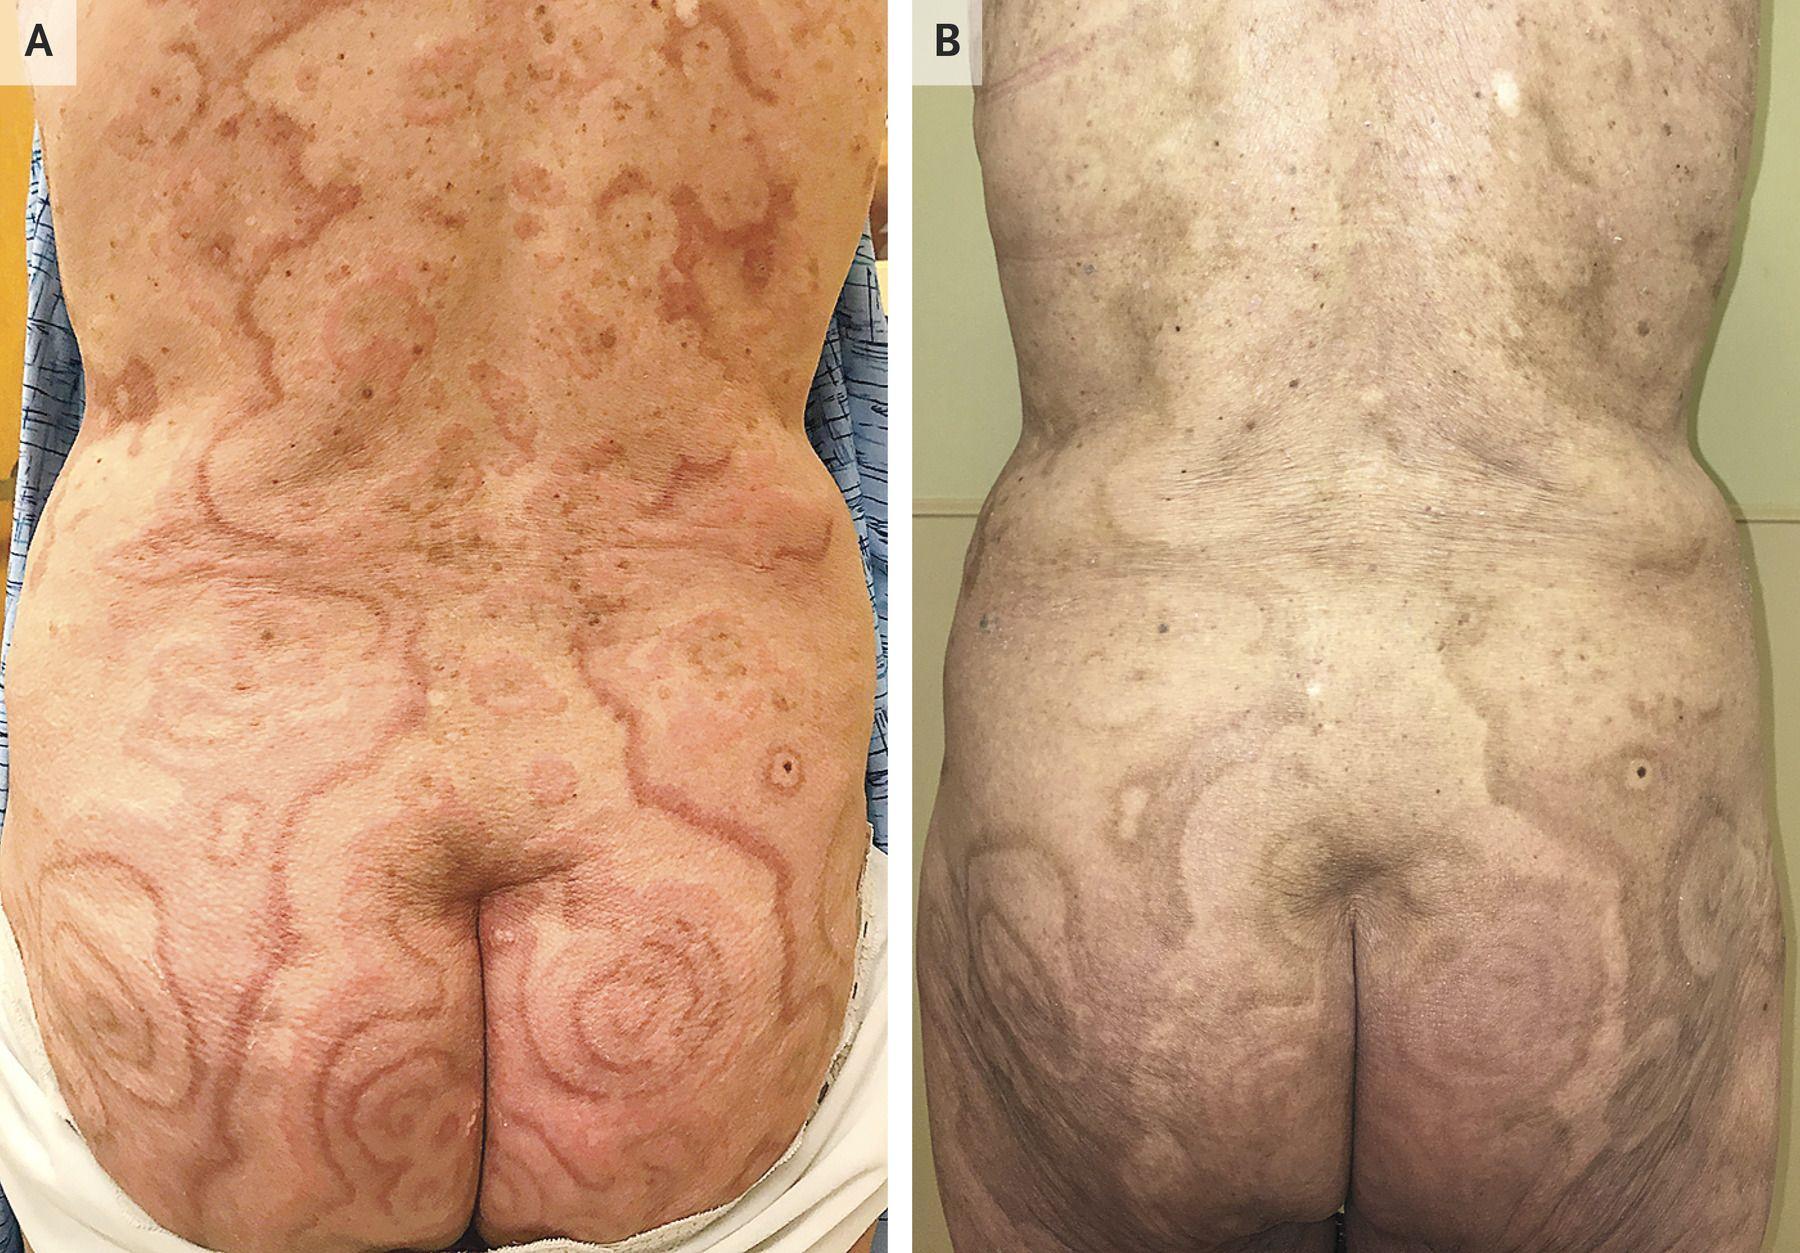 Cancer patterned skin